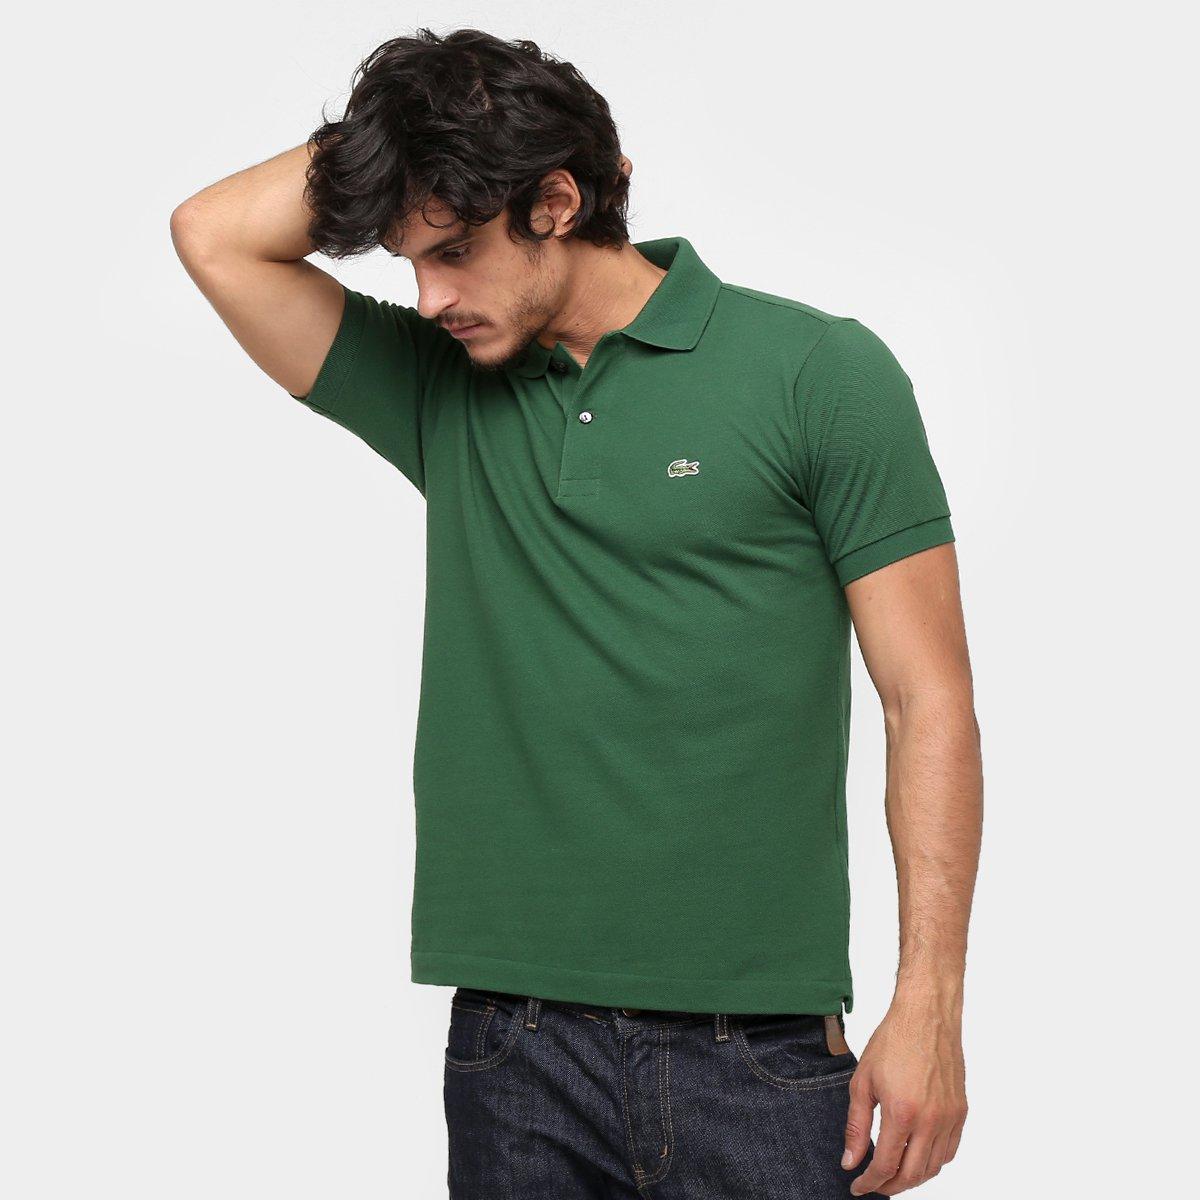 Polo Original Masculina Verde Militar Lacoste Camisa Fit SzpUMqVG